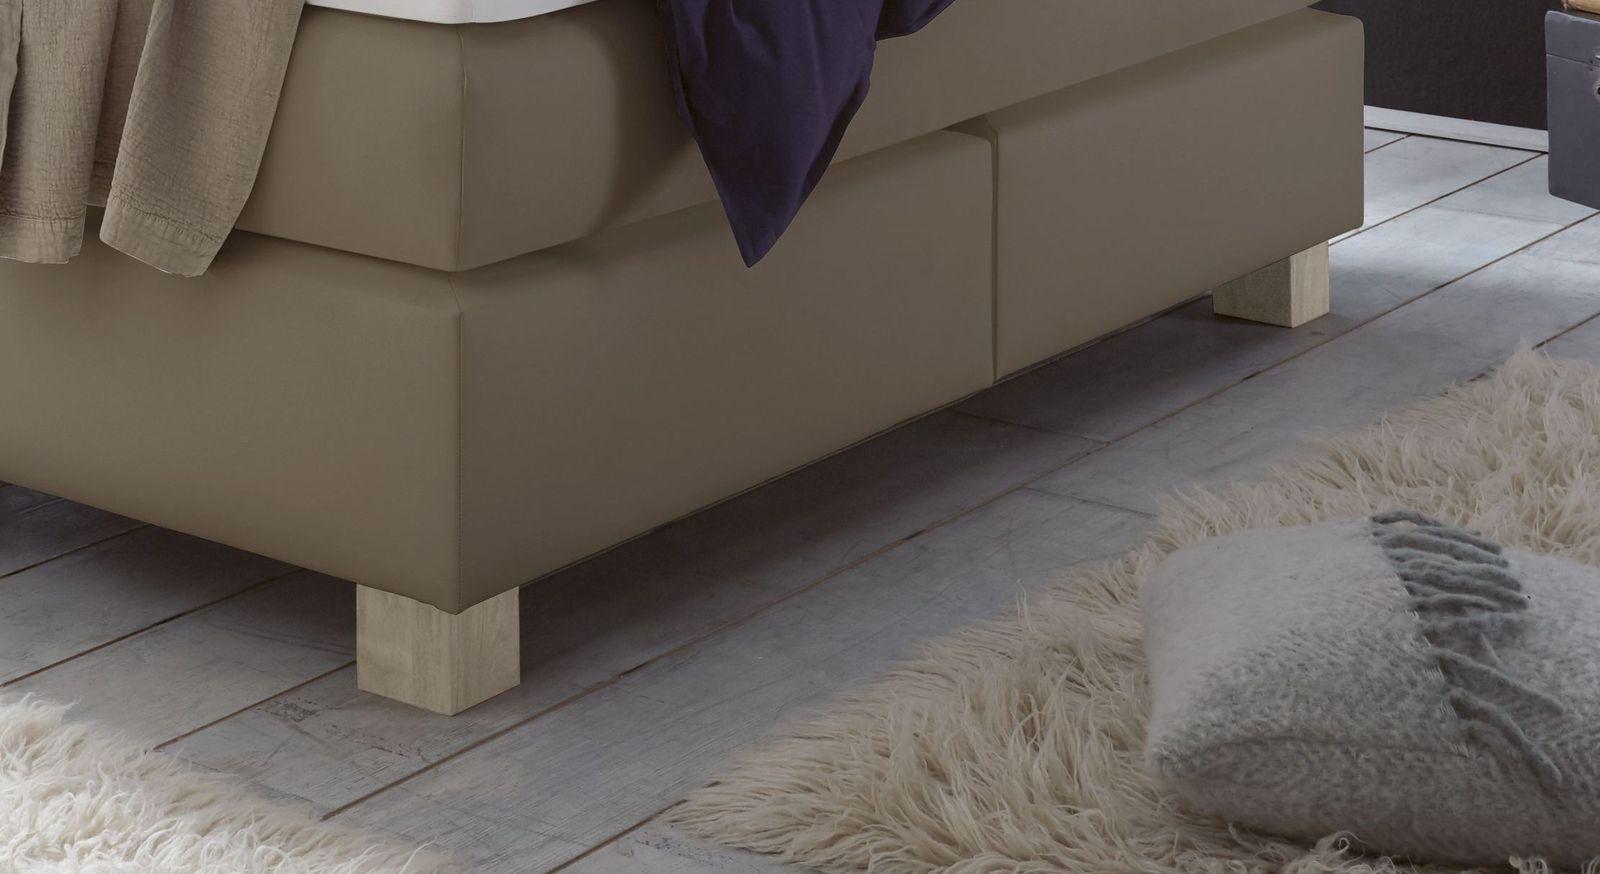 Doppelbett Ohne Kopfteil ~ Modernes boxspring doppelbett ohne kopfteil goma betten